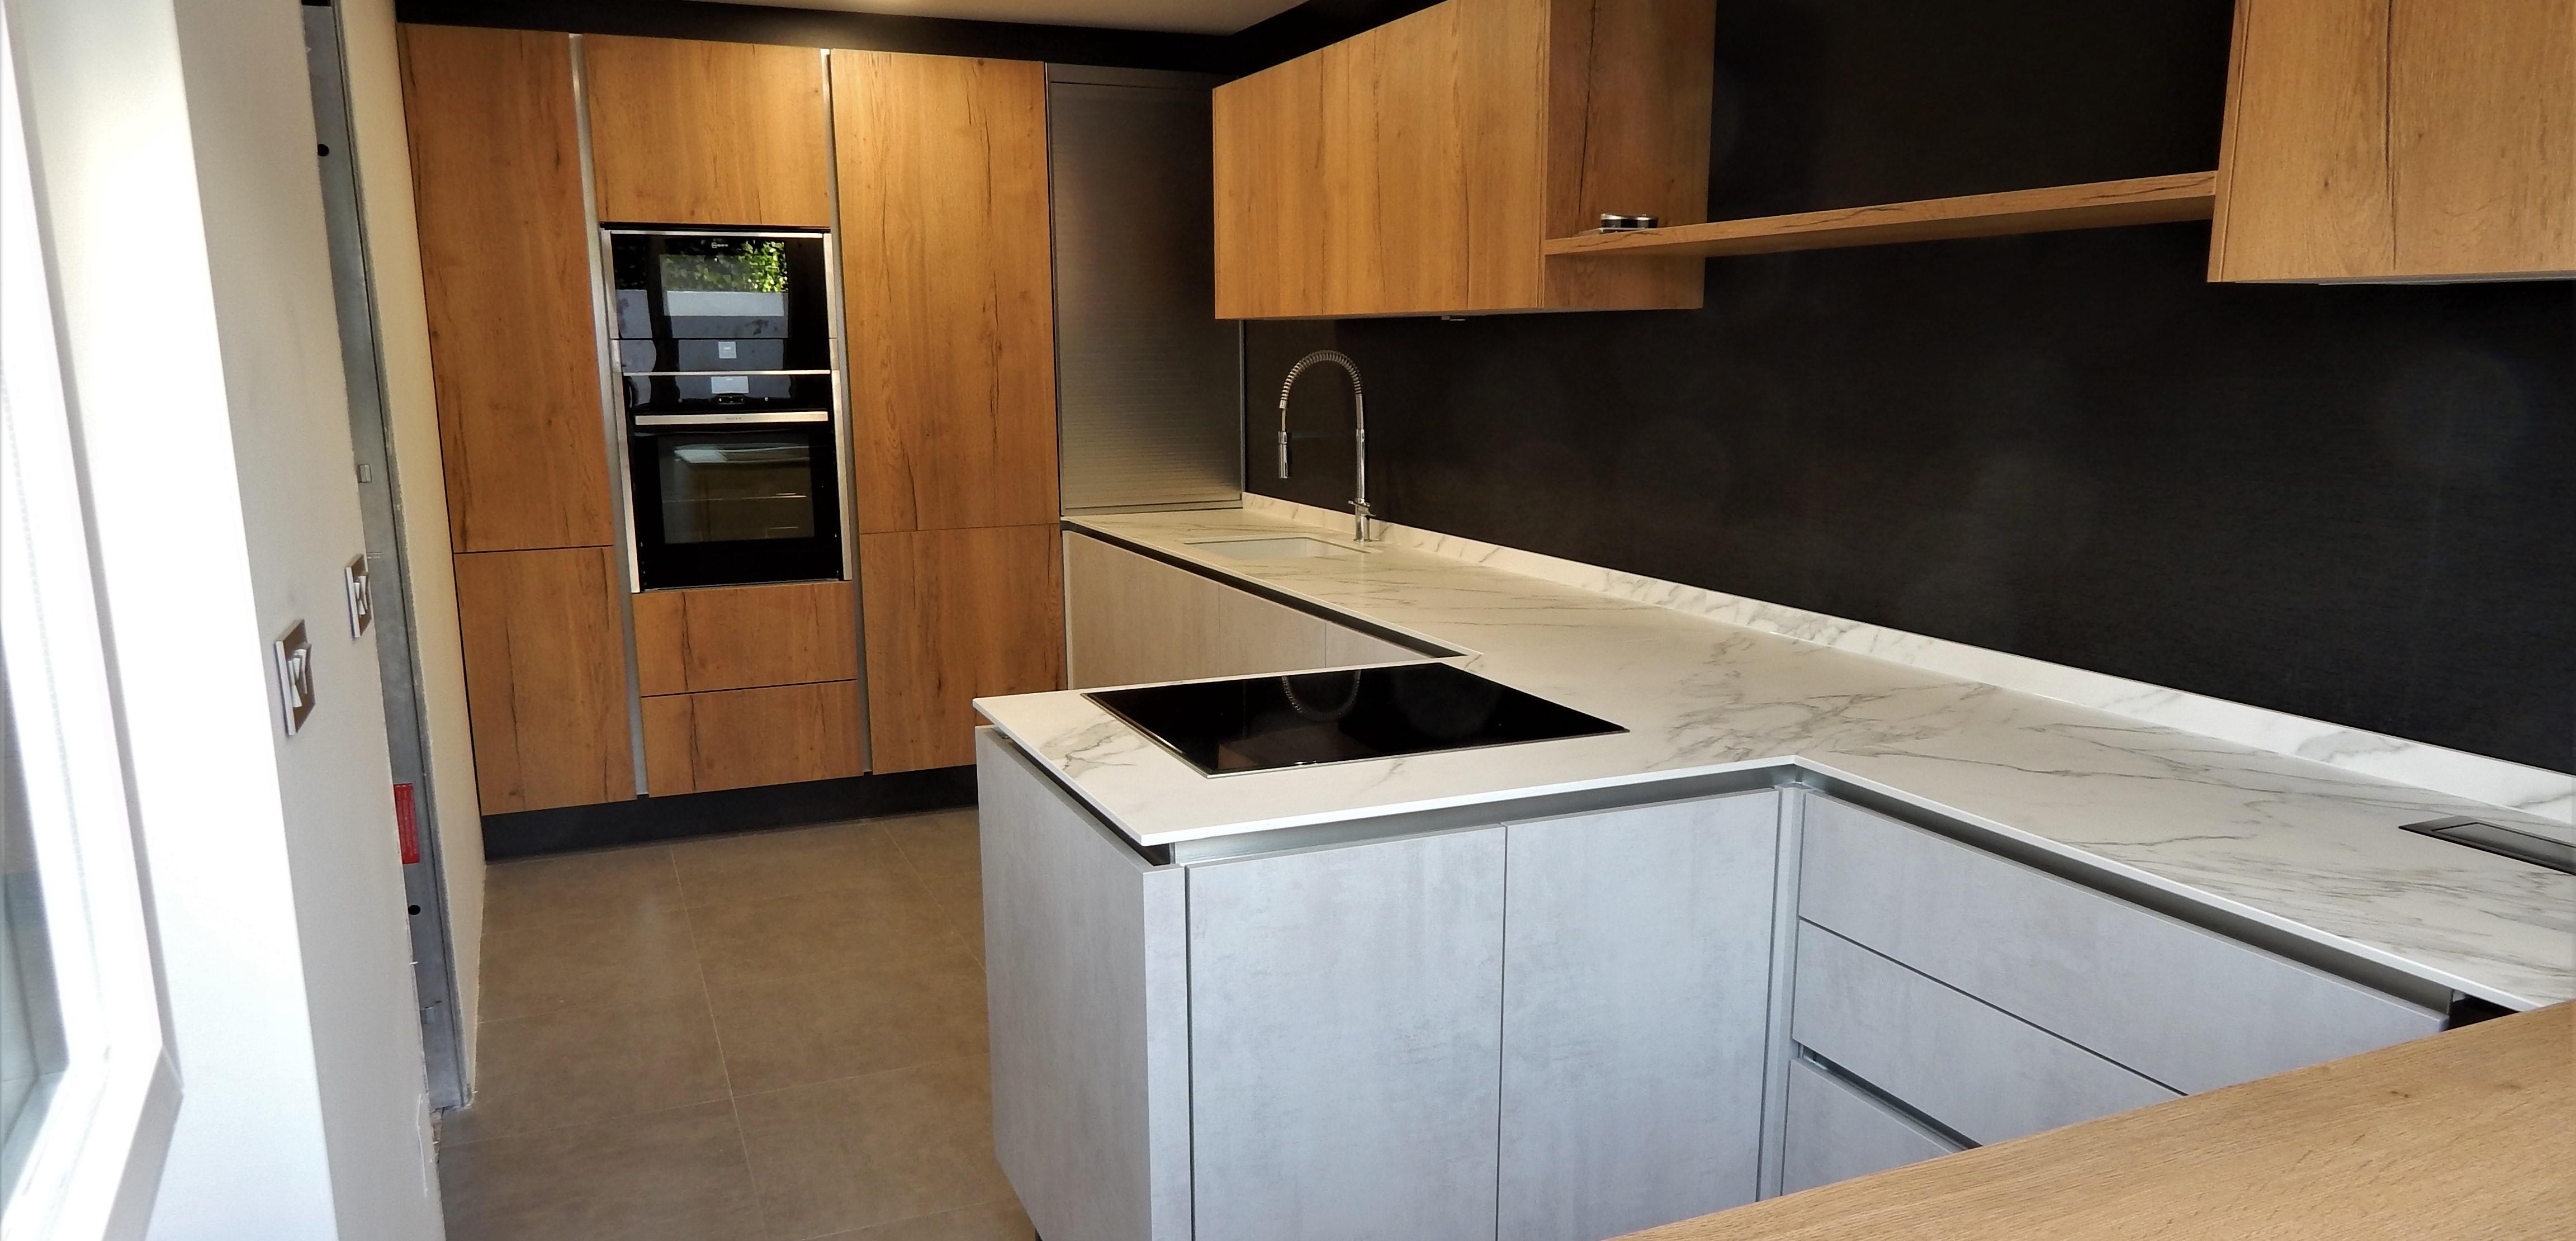 Emejing Muebles Cocina Ocasion Images - Casas: Ideas, imágenes y ...